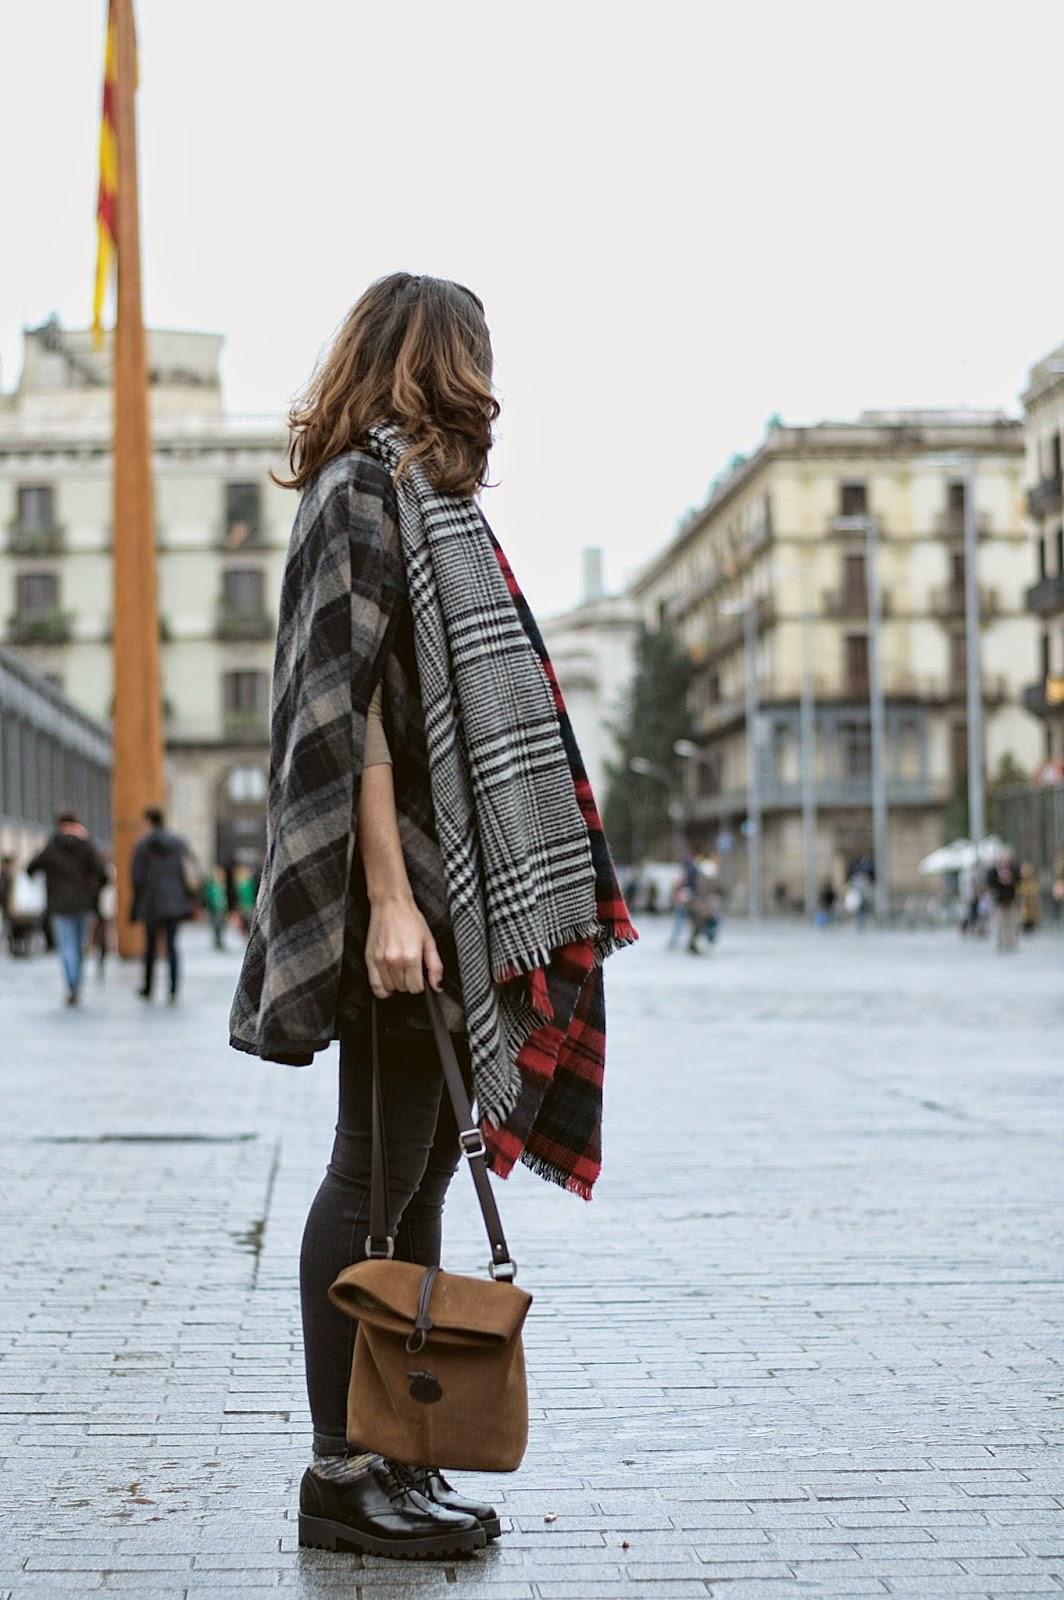 capa y bufanda Zara, Jeans Mango, Bolso El Potro, Pendientes H&M, calcetines Calcedonia, Zapatos Urban Outfiters